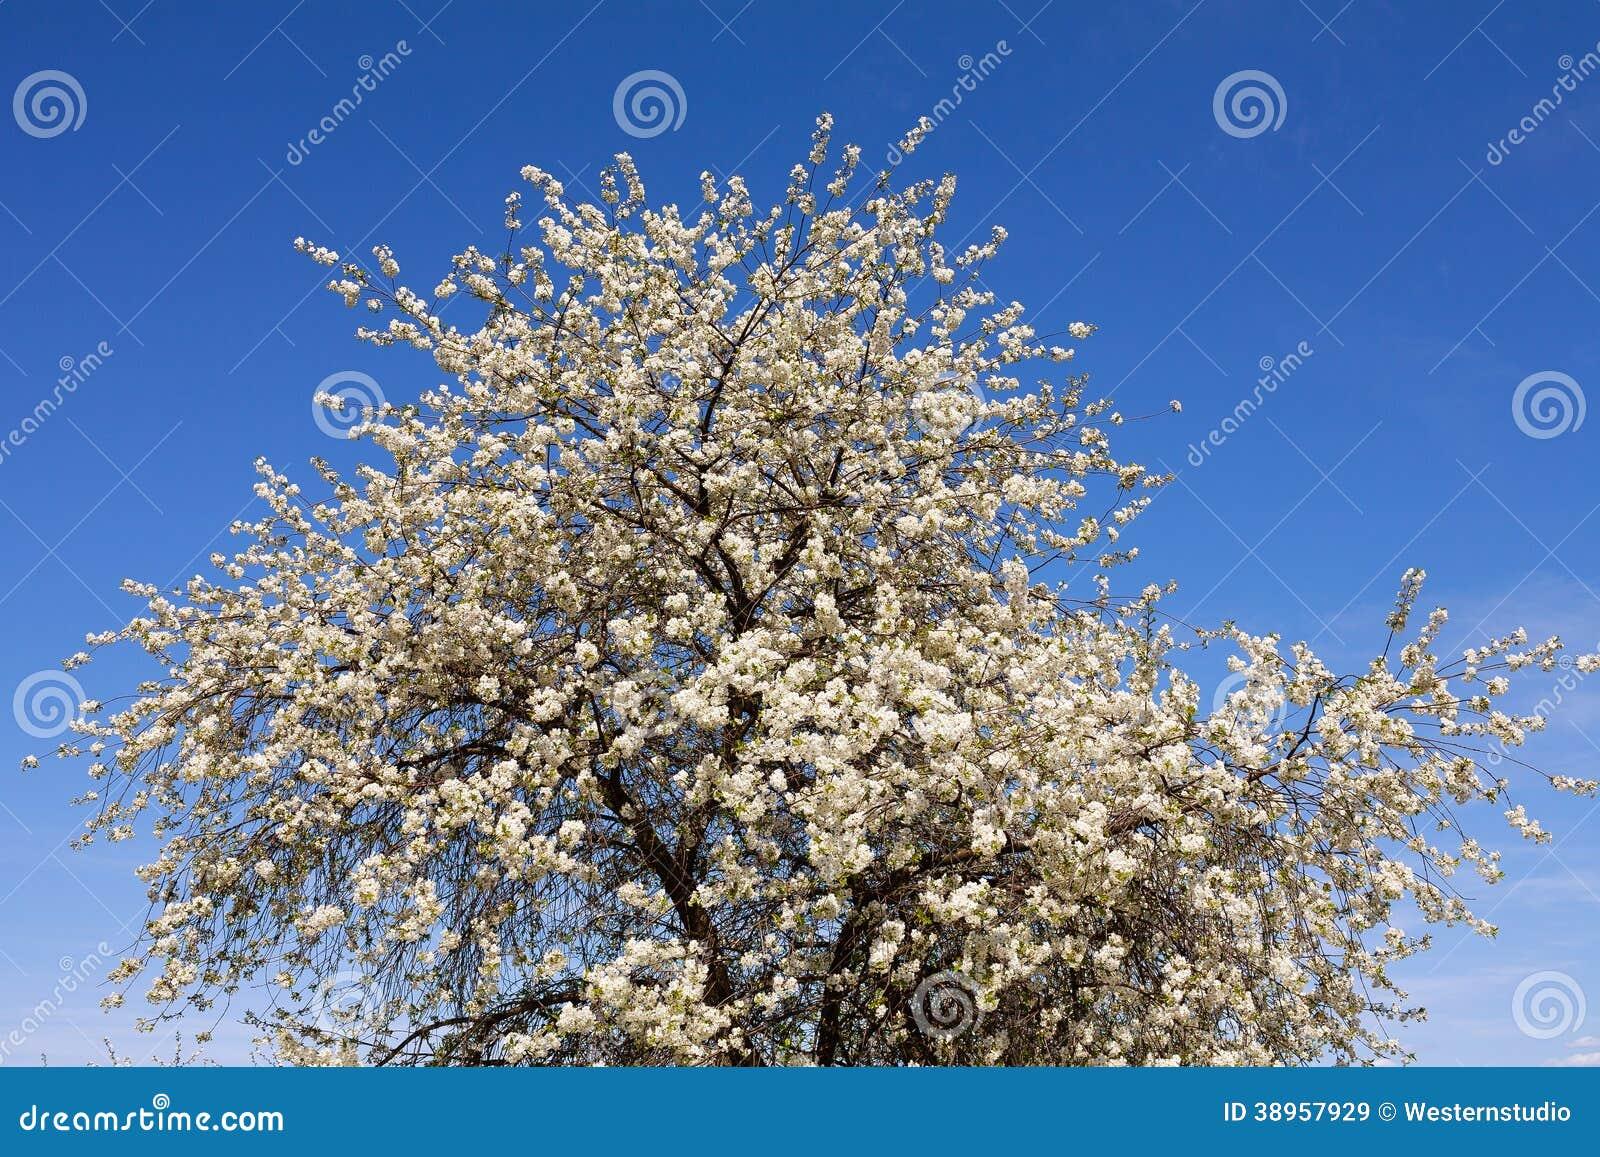 Grand arbre fruitier fleurissant en fleurs blanches image for Arbre fruitier